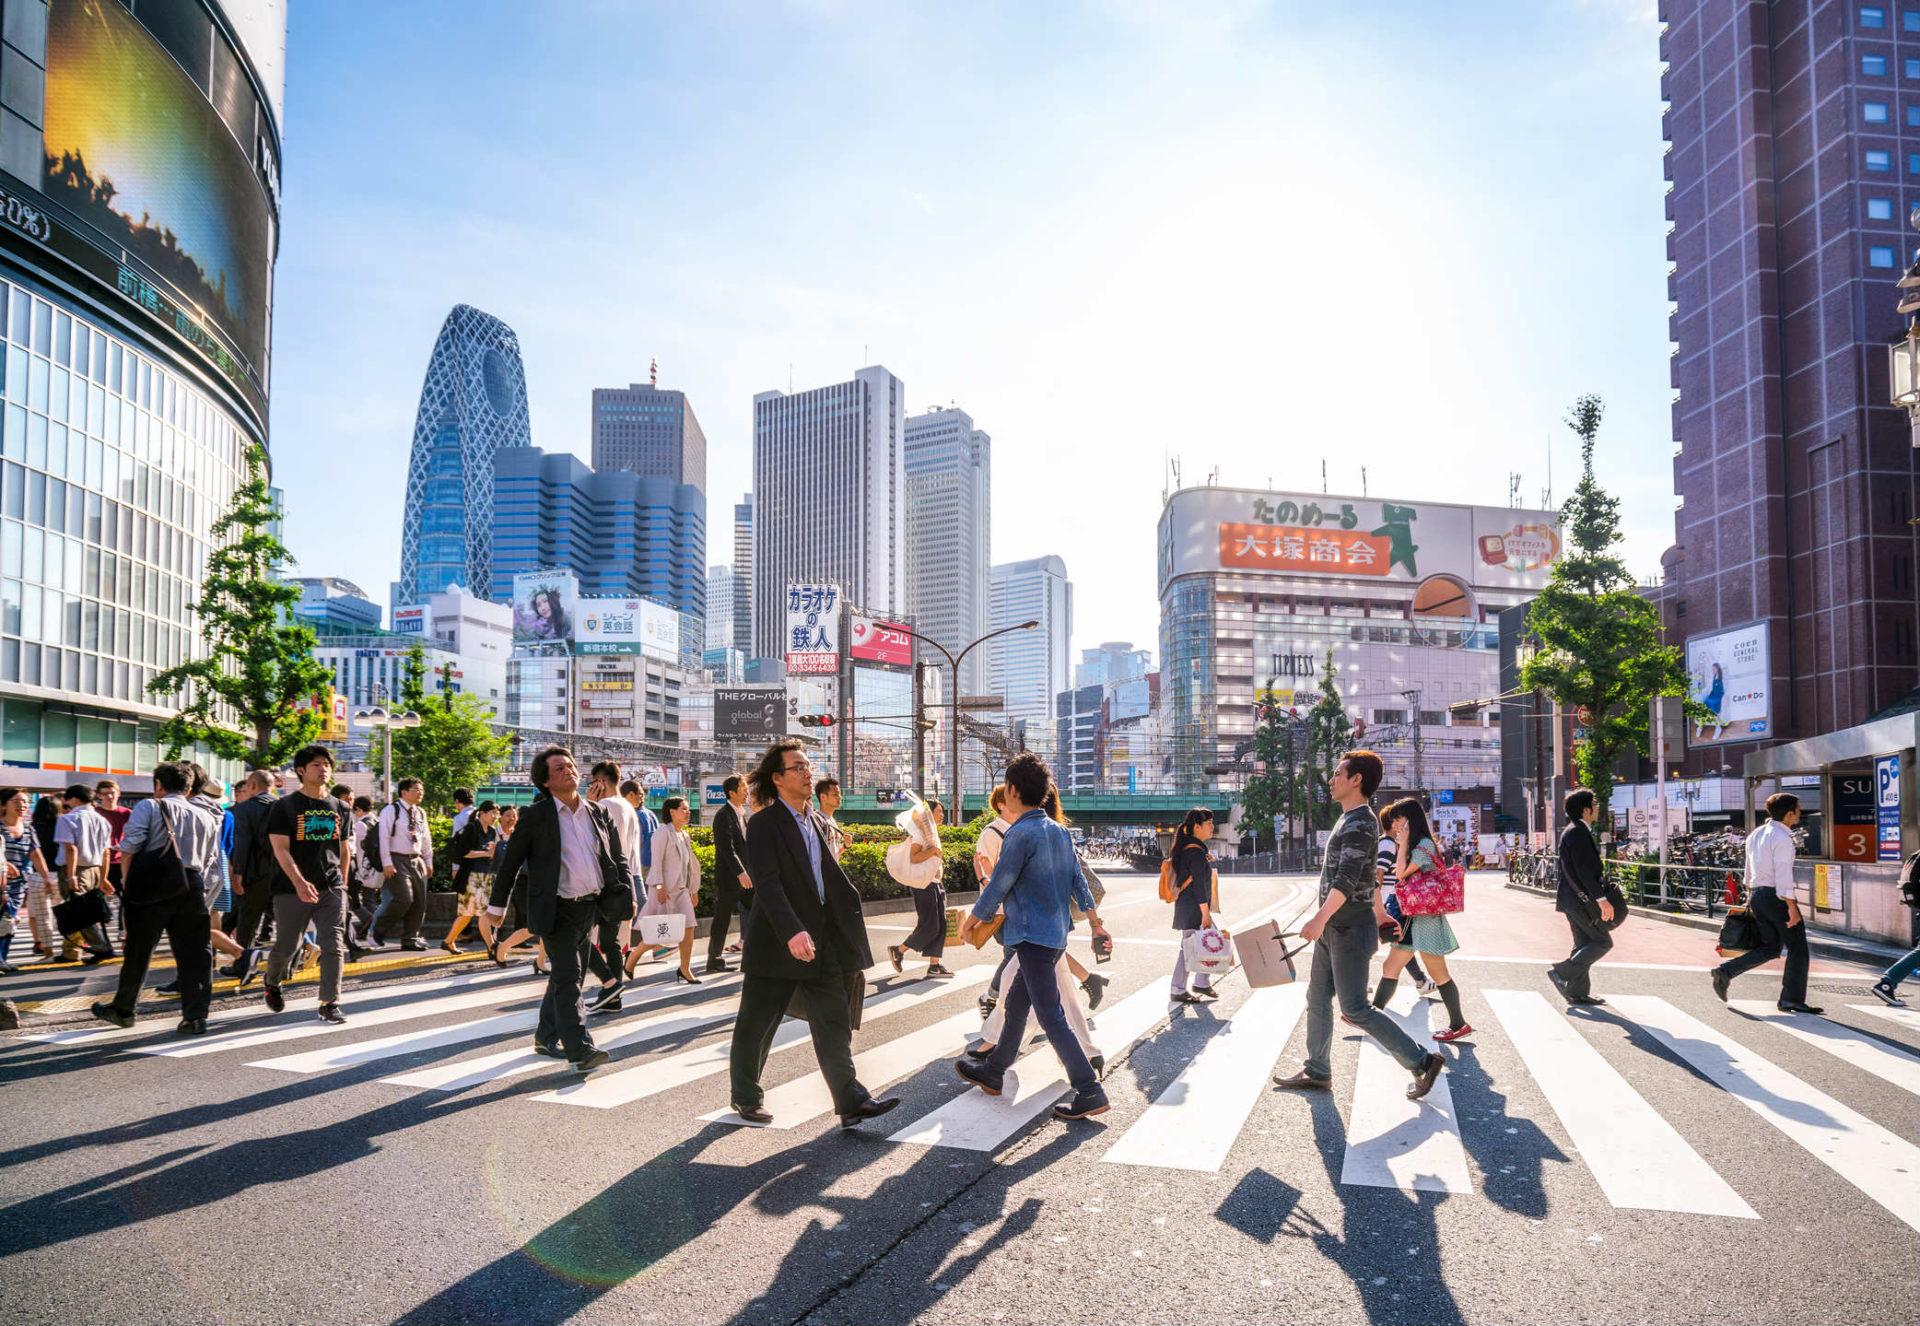 Ciudades del mundo que apuestan por la seguridad peatonal